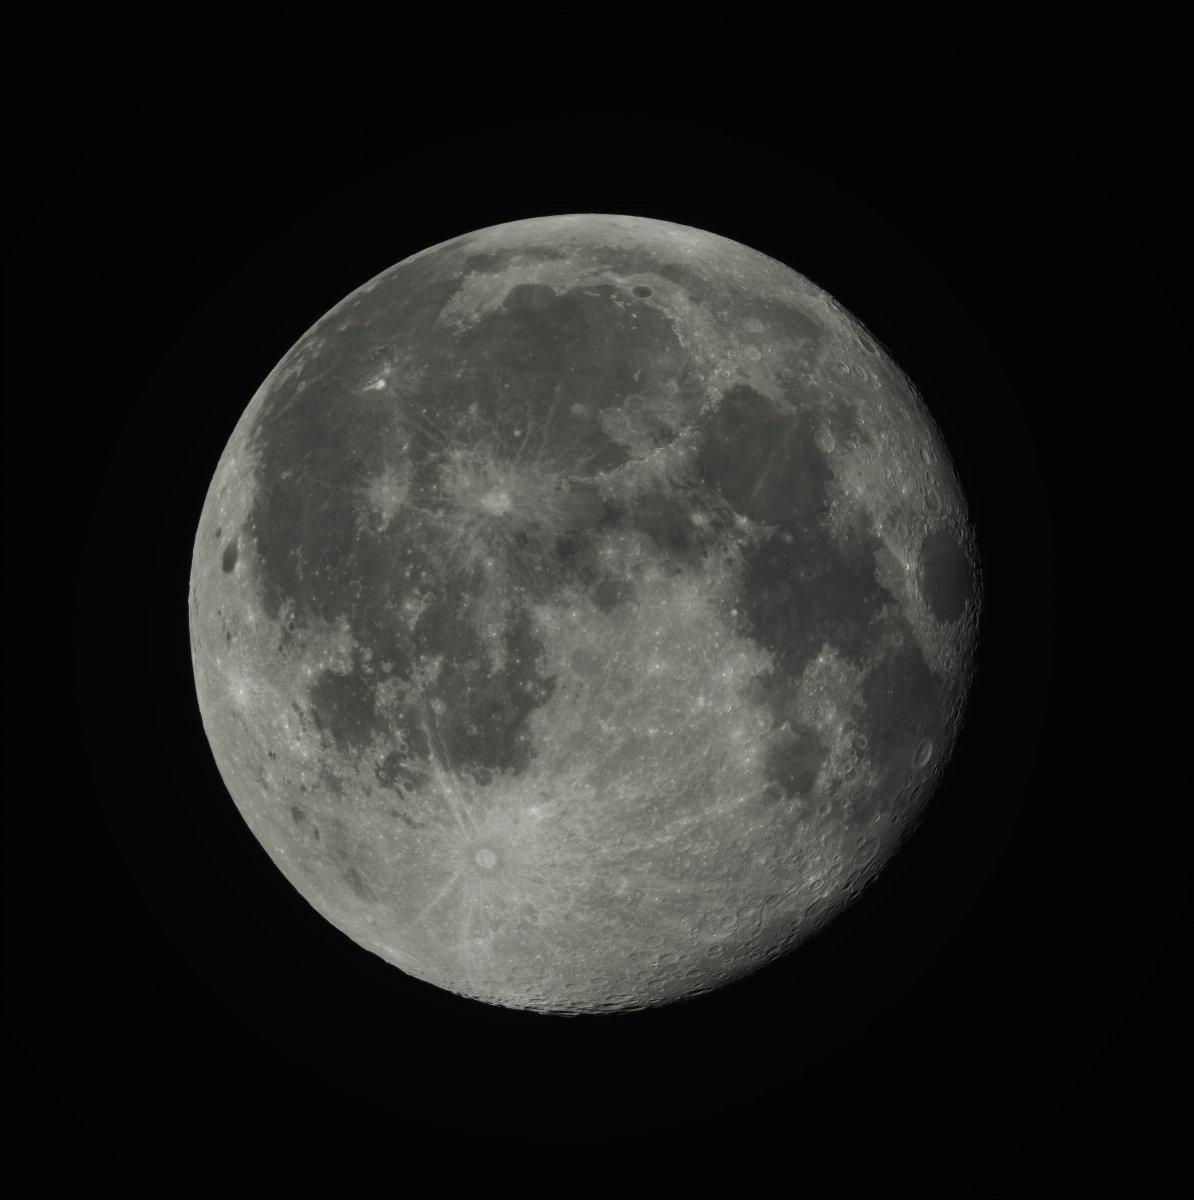 2020-01-11-2214_7-Moon_AS_P30_lapl4_ap822_11.jpg